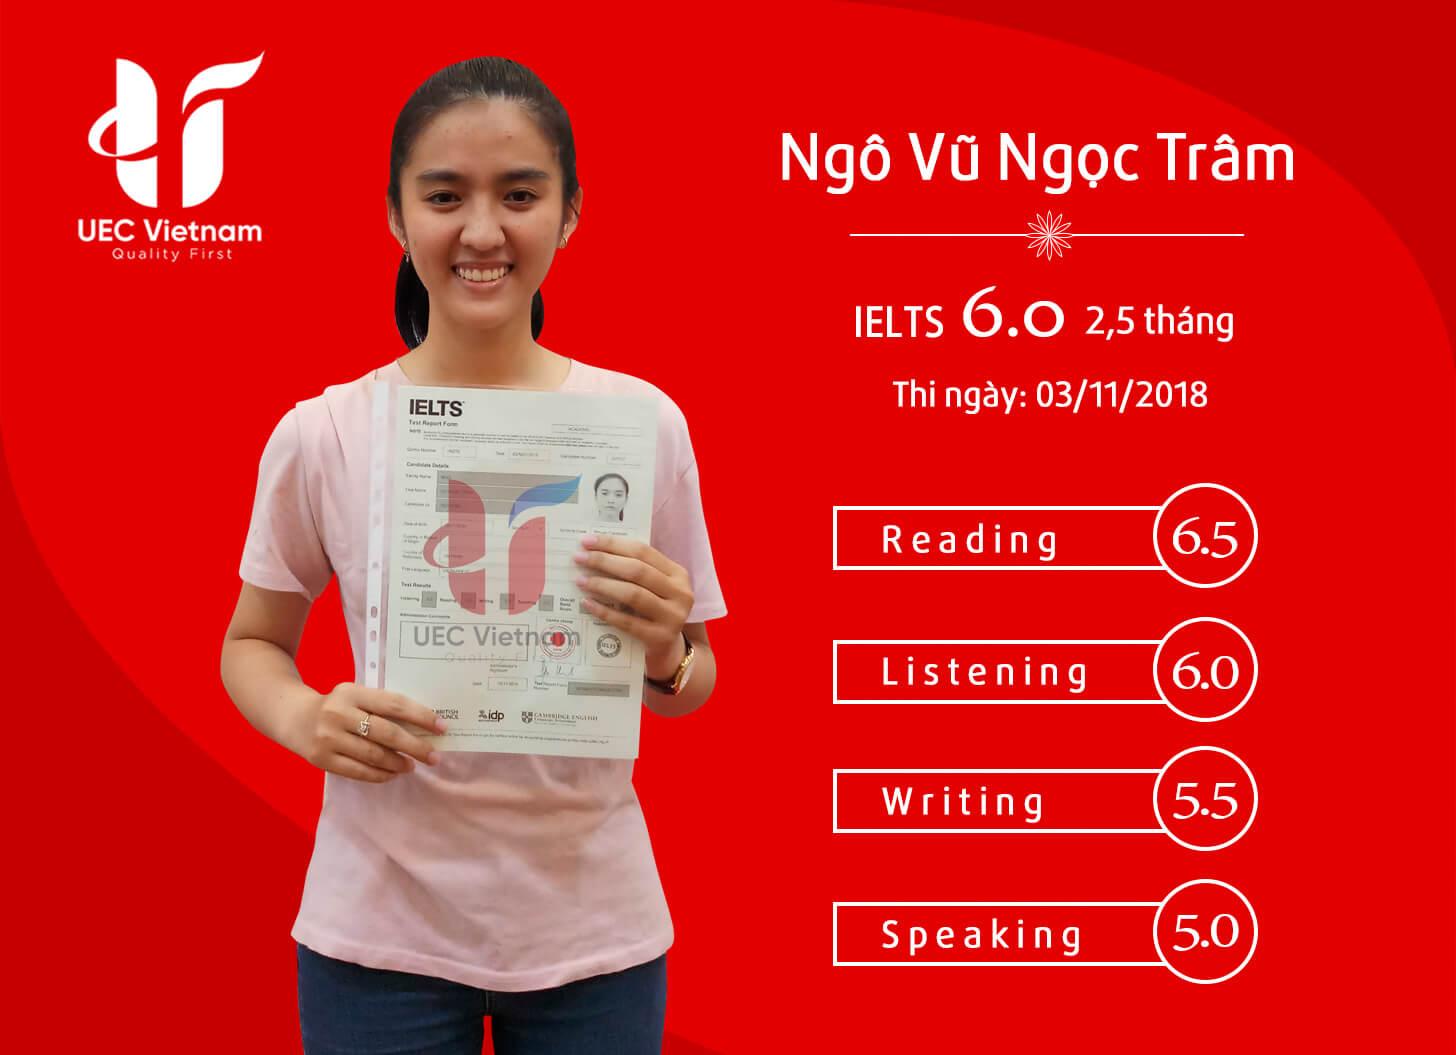 NGO VU NGOC TRAM - Hình Ảnh Hoạt Động